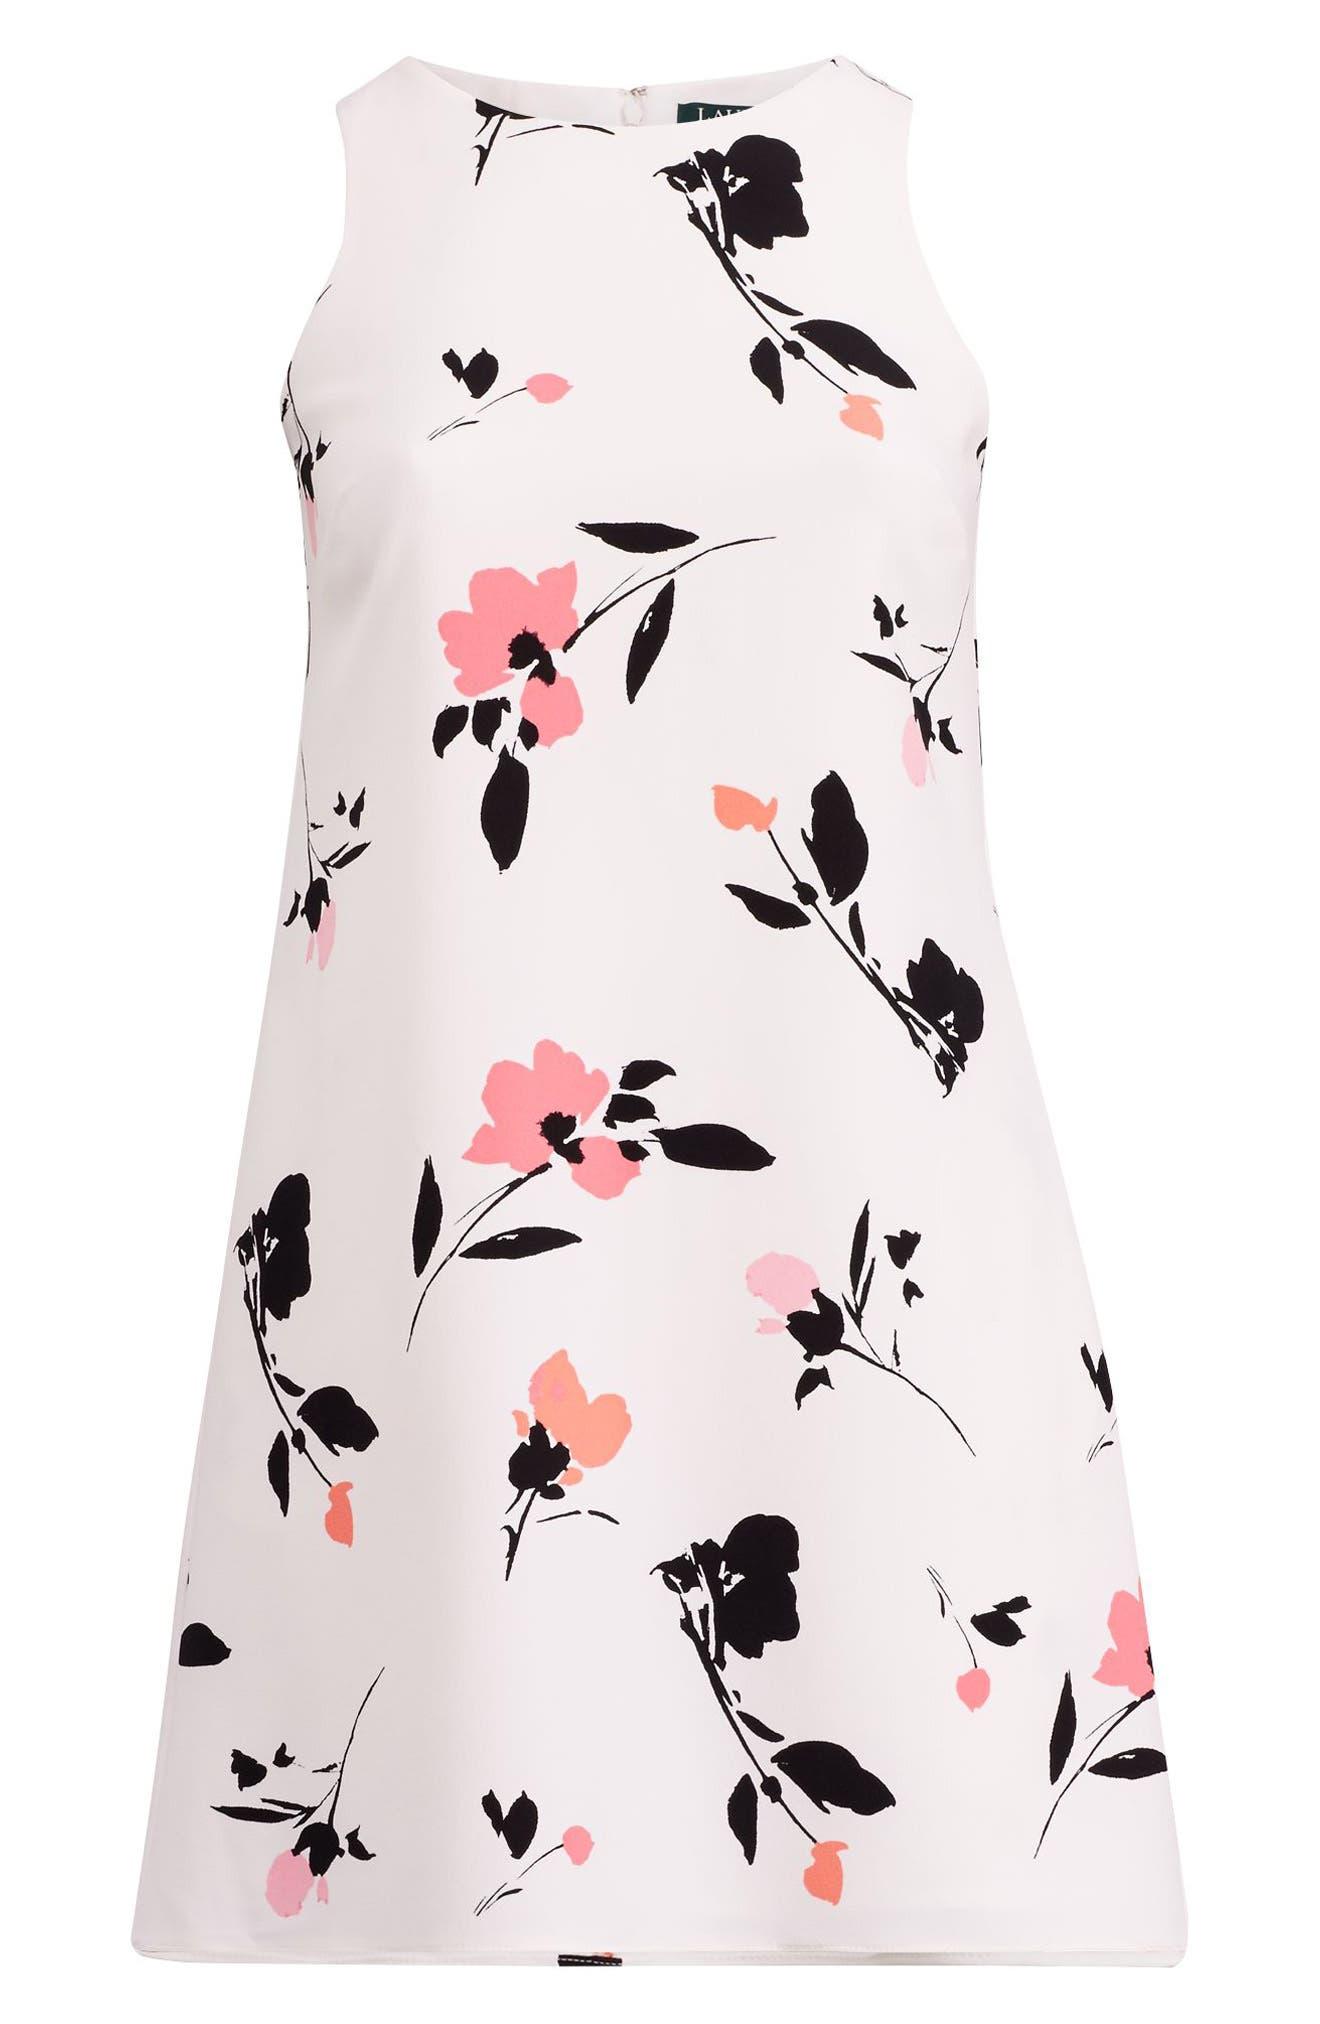 Paland Brunette Park Floral Shift Dress,                             Alternate thumbnail 3, color,                             Col. Cream-Peach-Multi